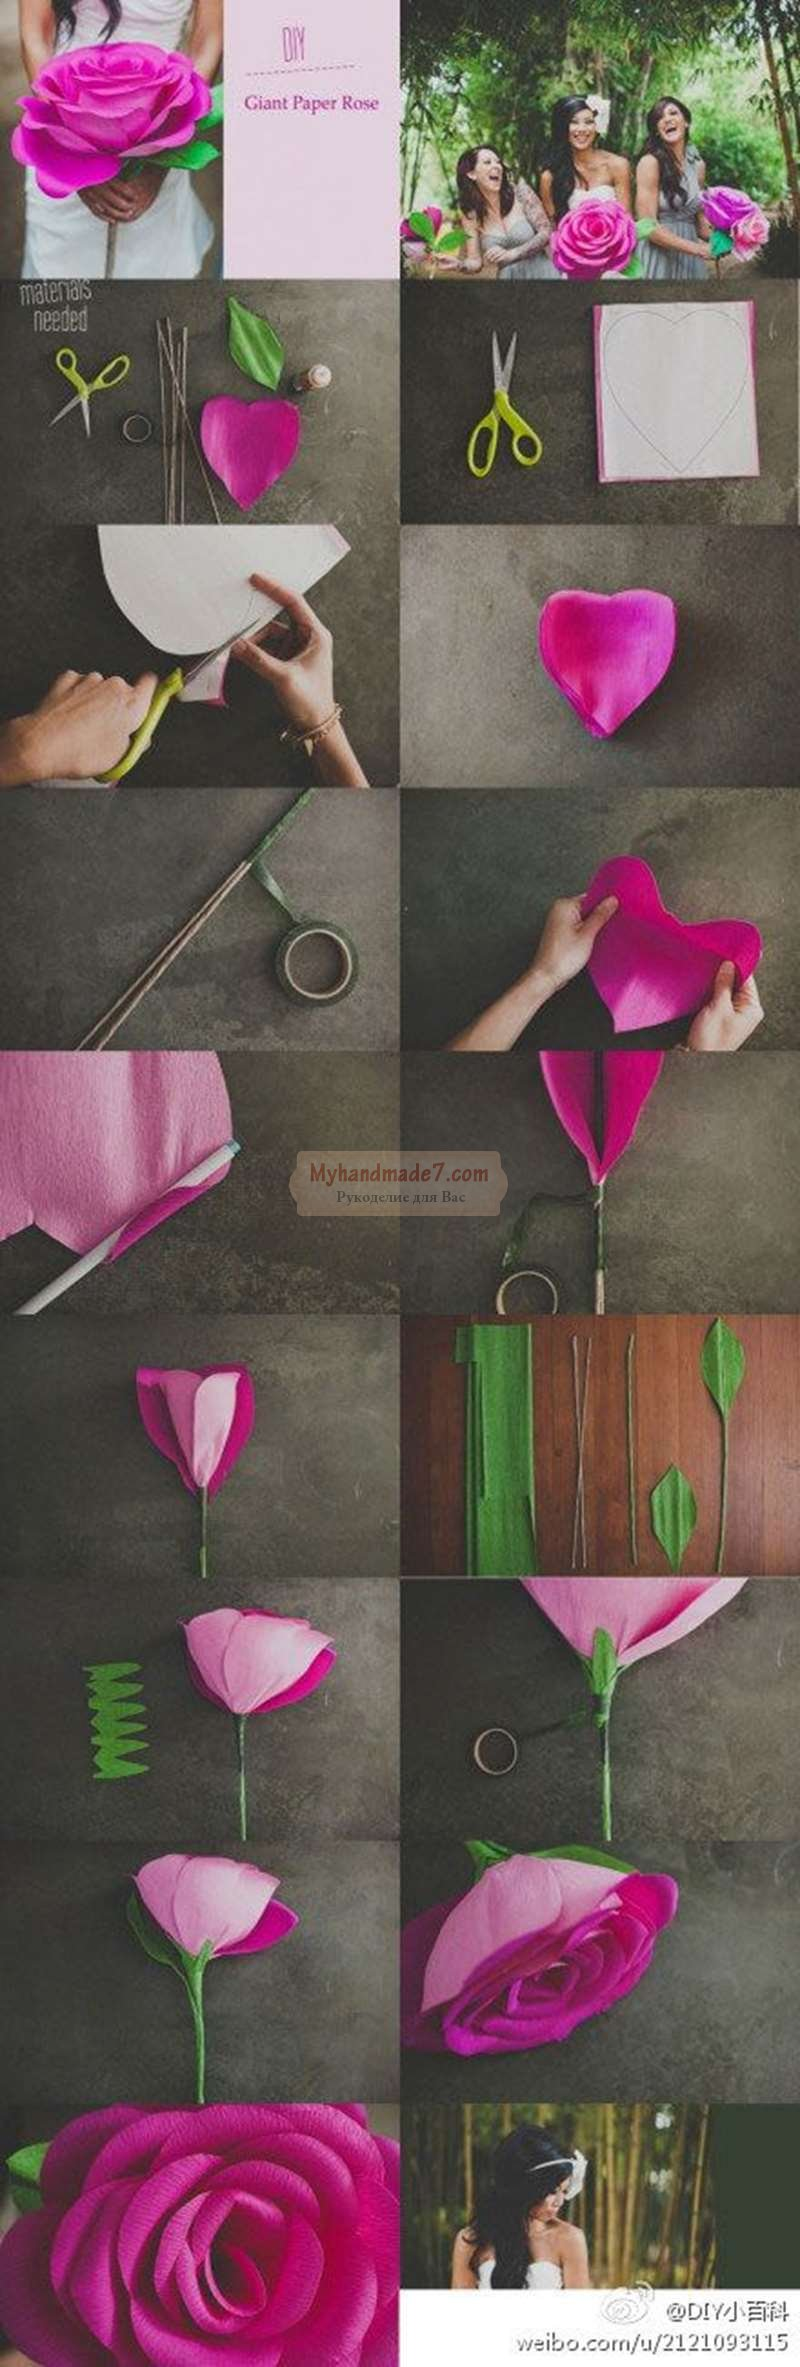 цветы из гофрированной бумаги своими руками в корзинке фото